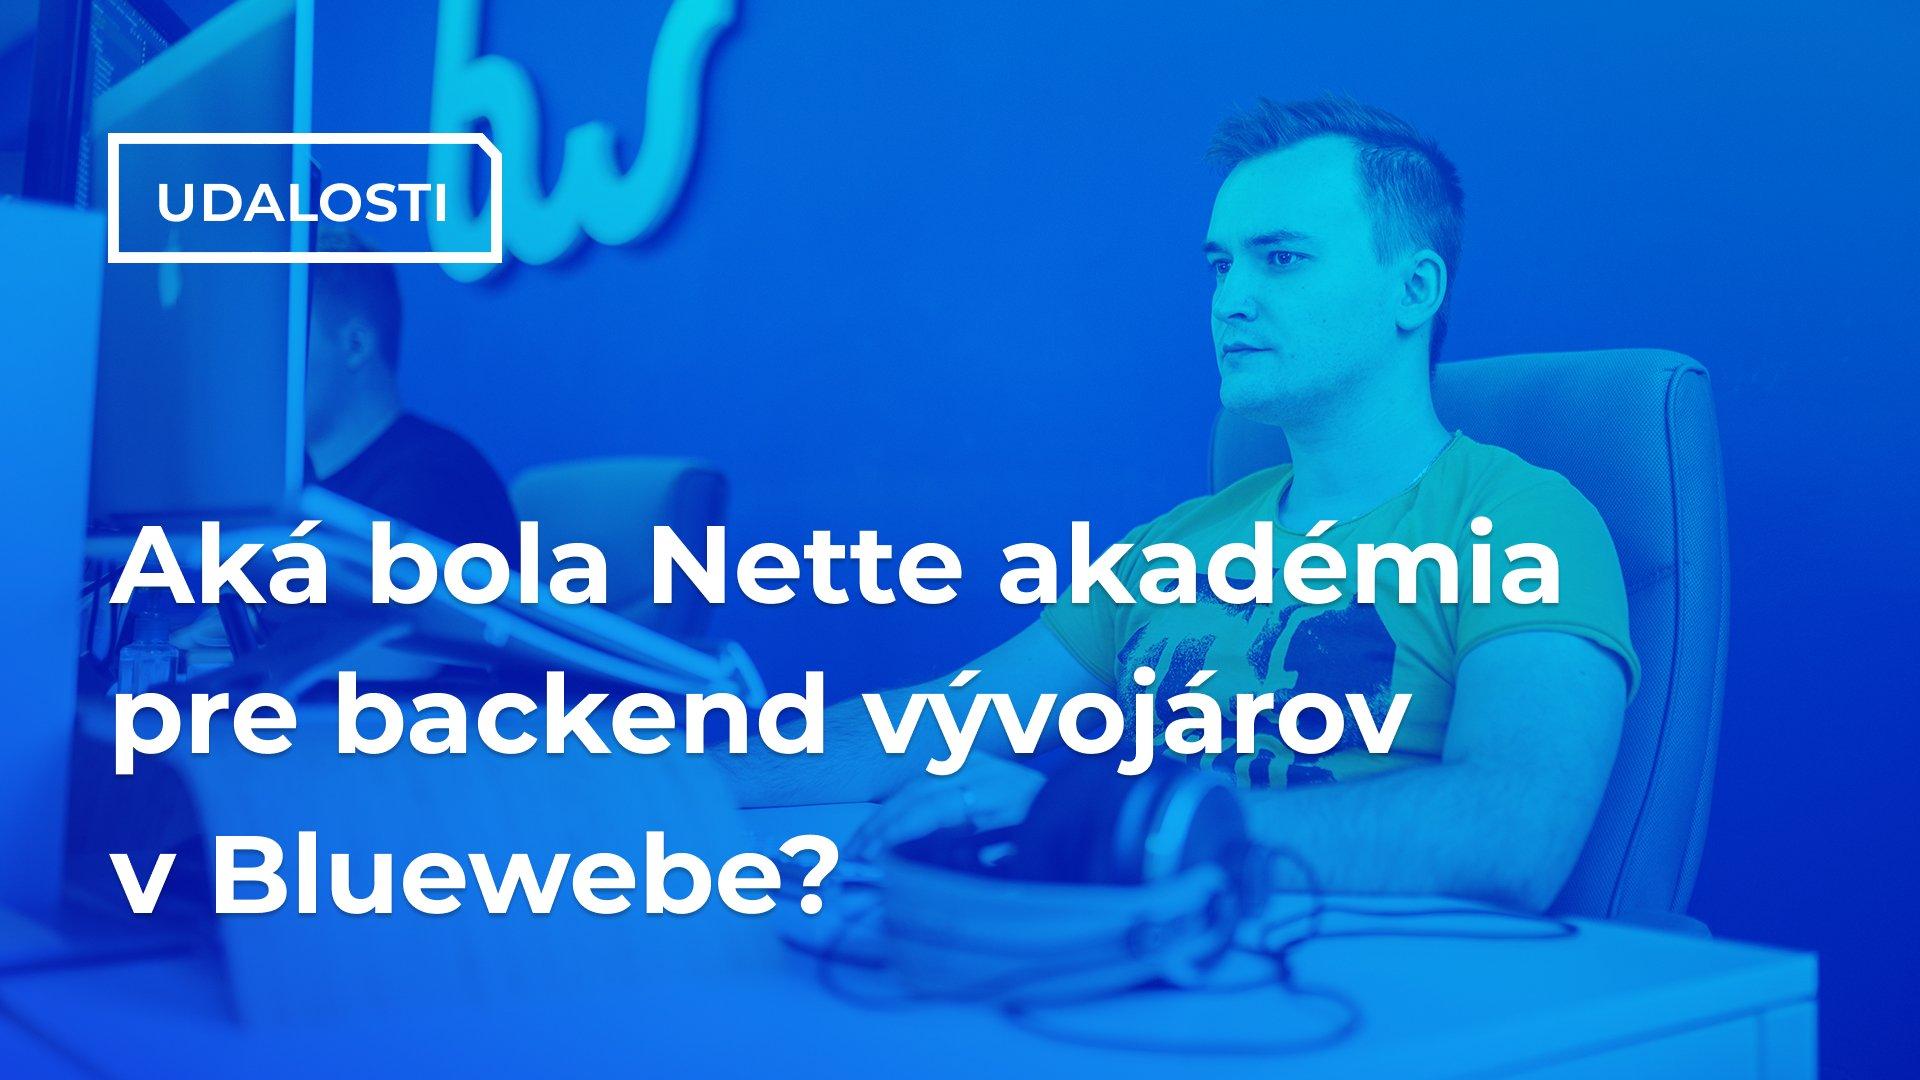 Aká bola Nette akadémia pre backend vývojárov v Bluewebe?